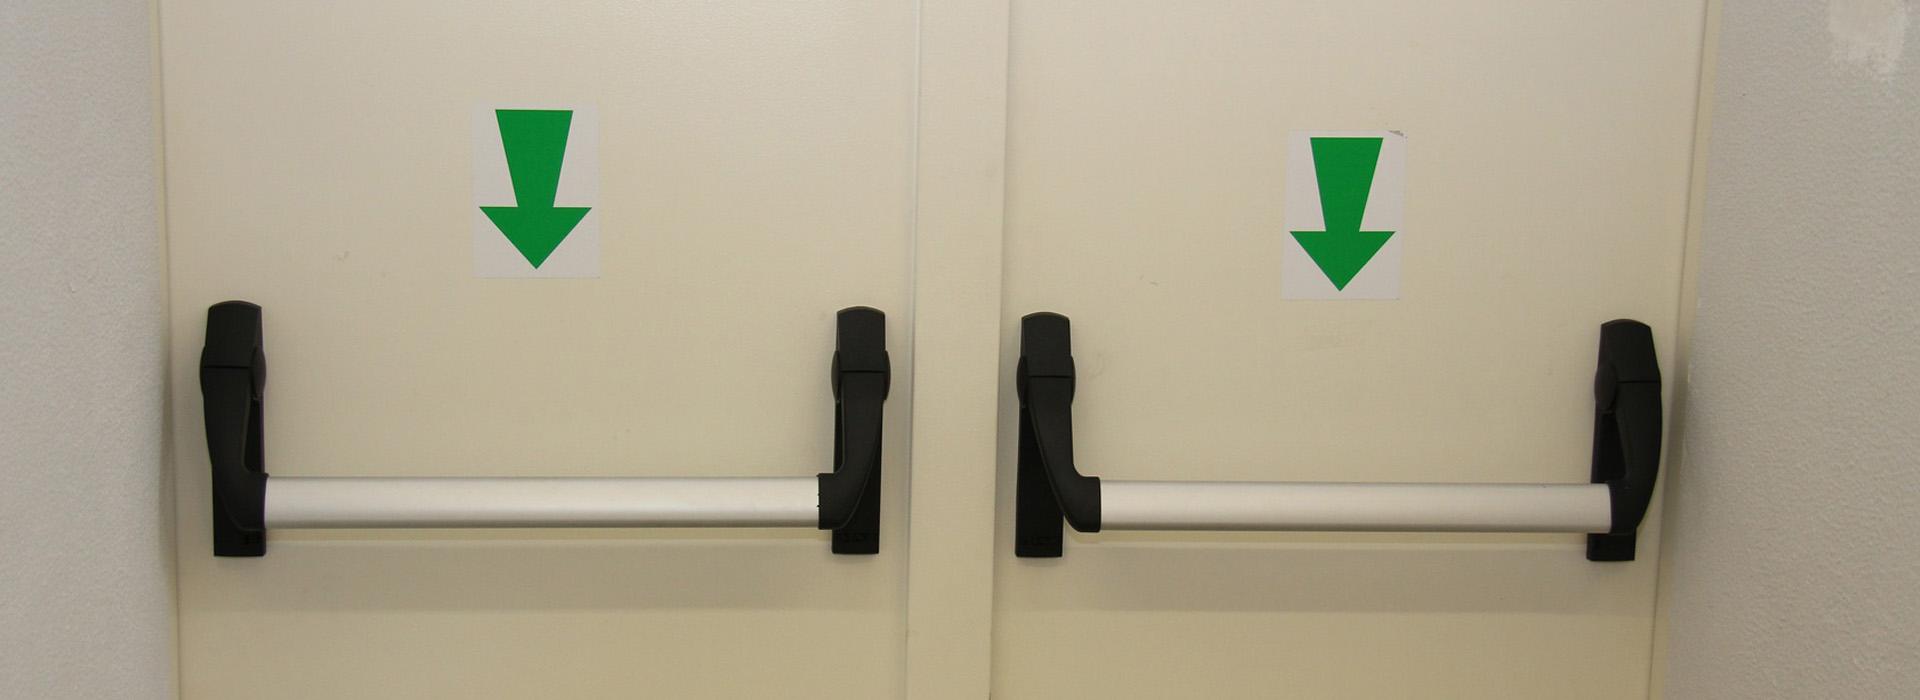 Montaggio maniglioni antipanico